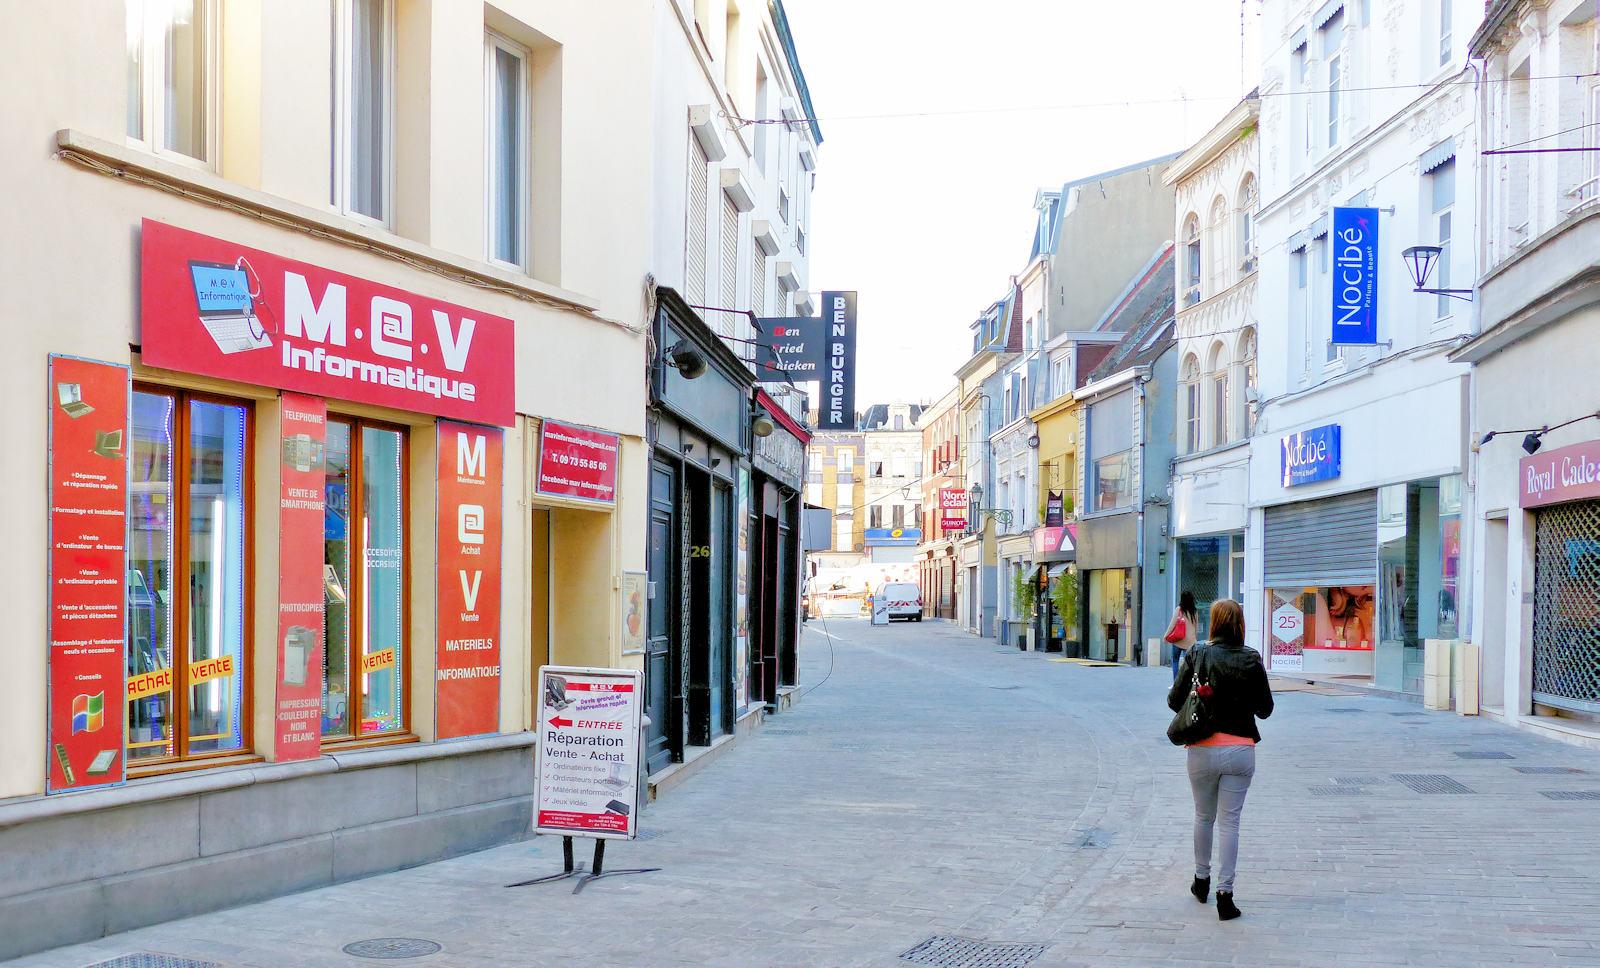 Rue de Lille, Tourcoing - MAV Informatique